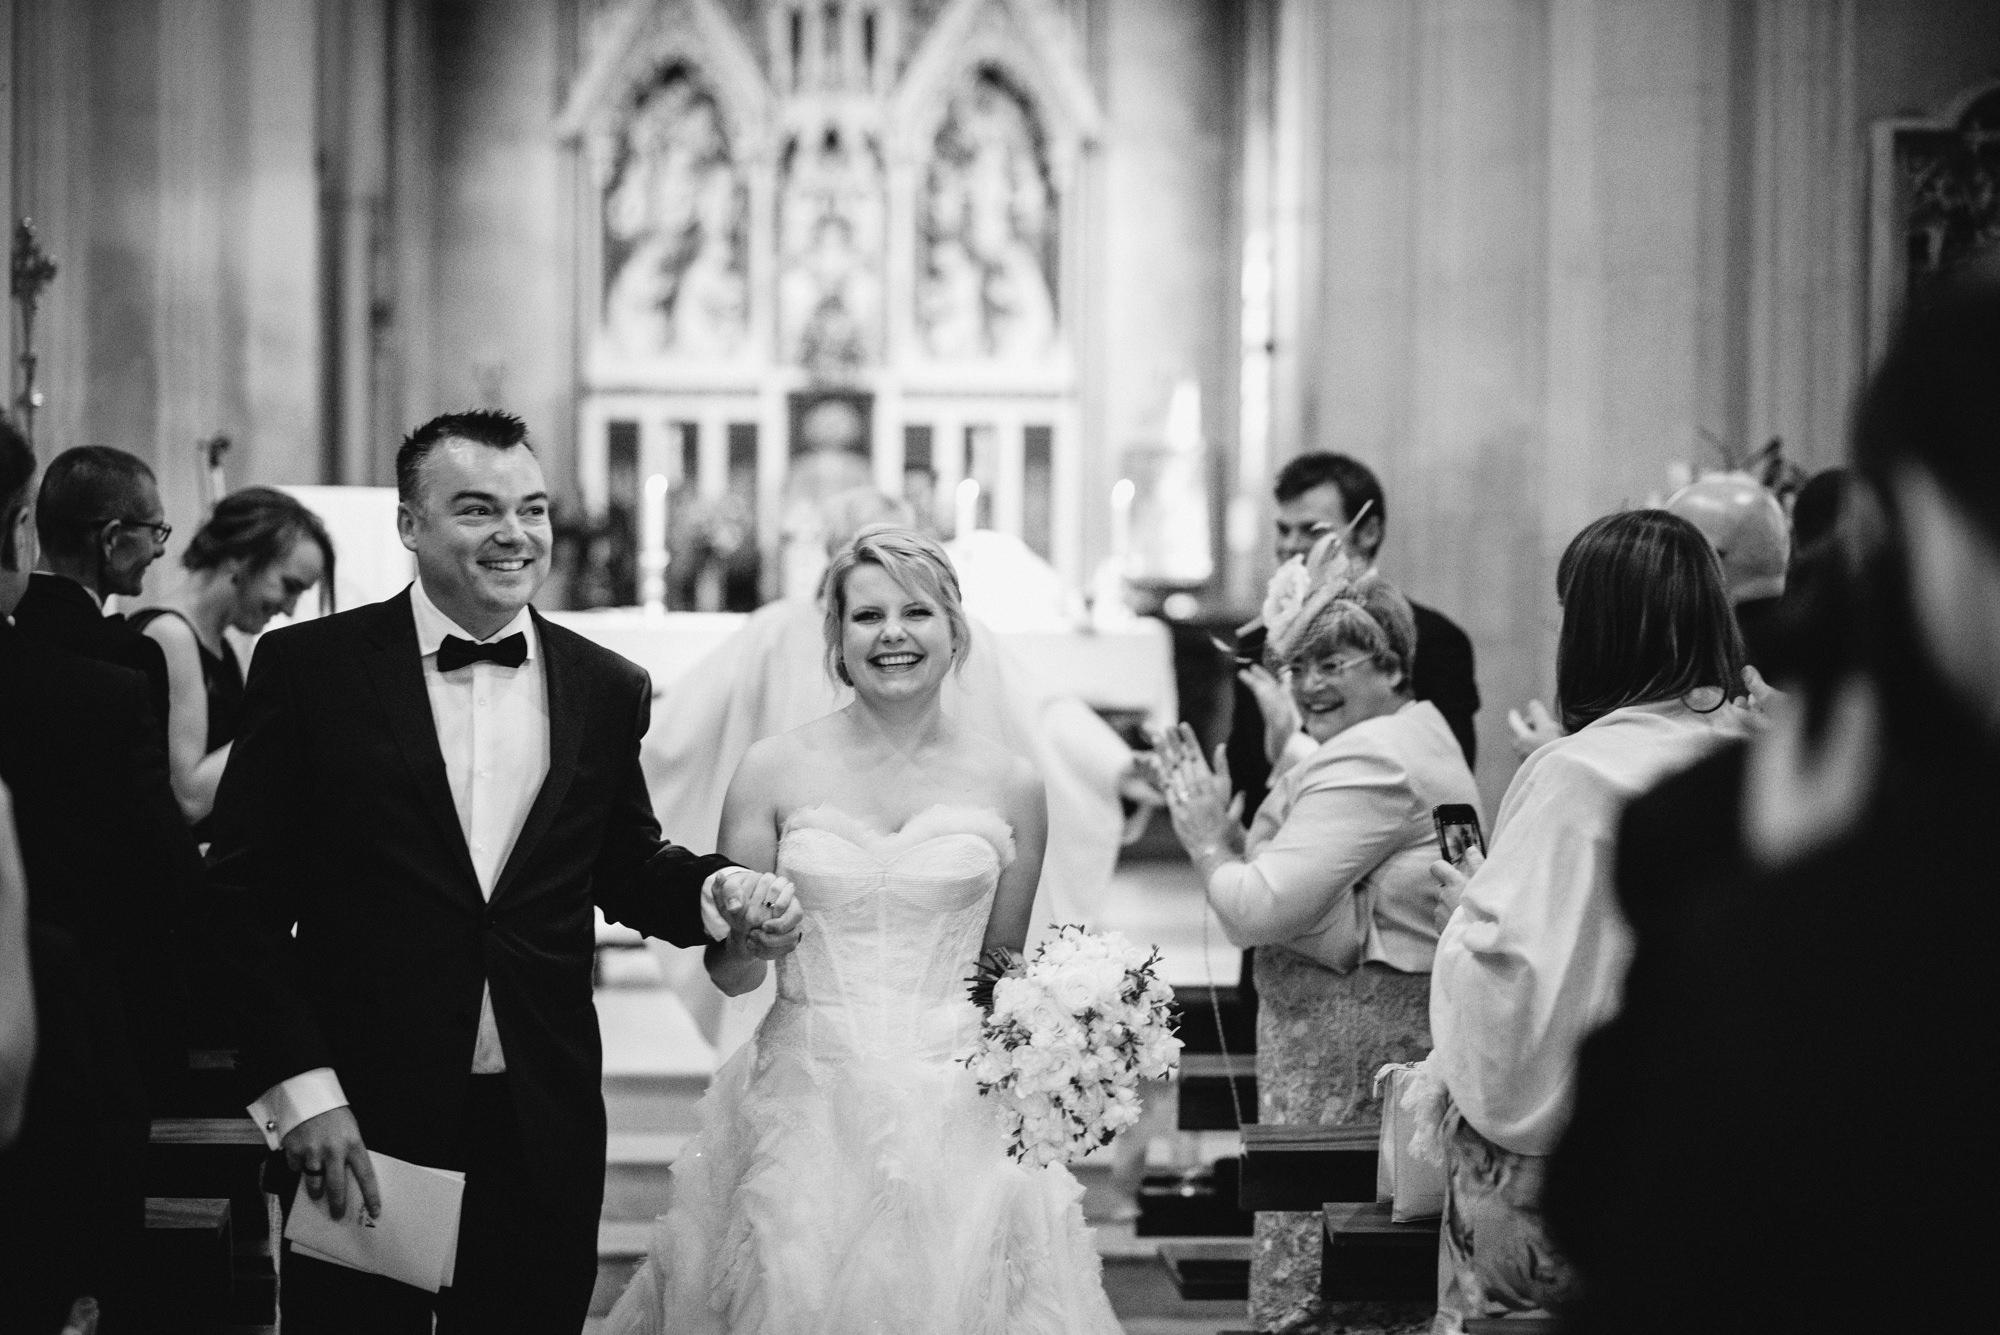 Brinsop Court Wedding Photography28